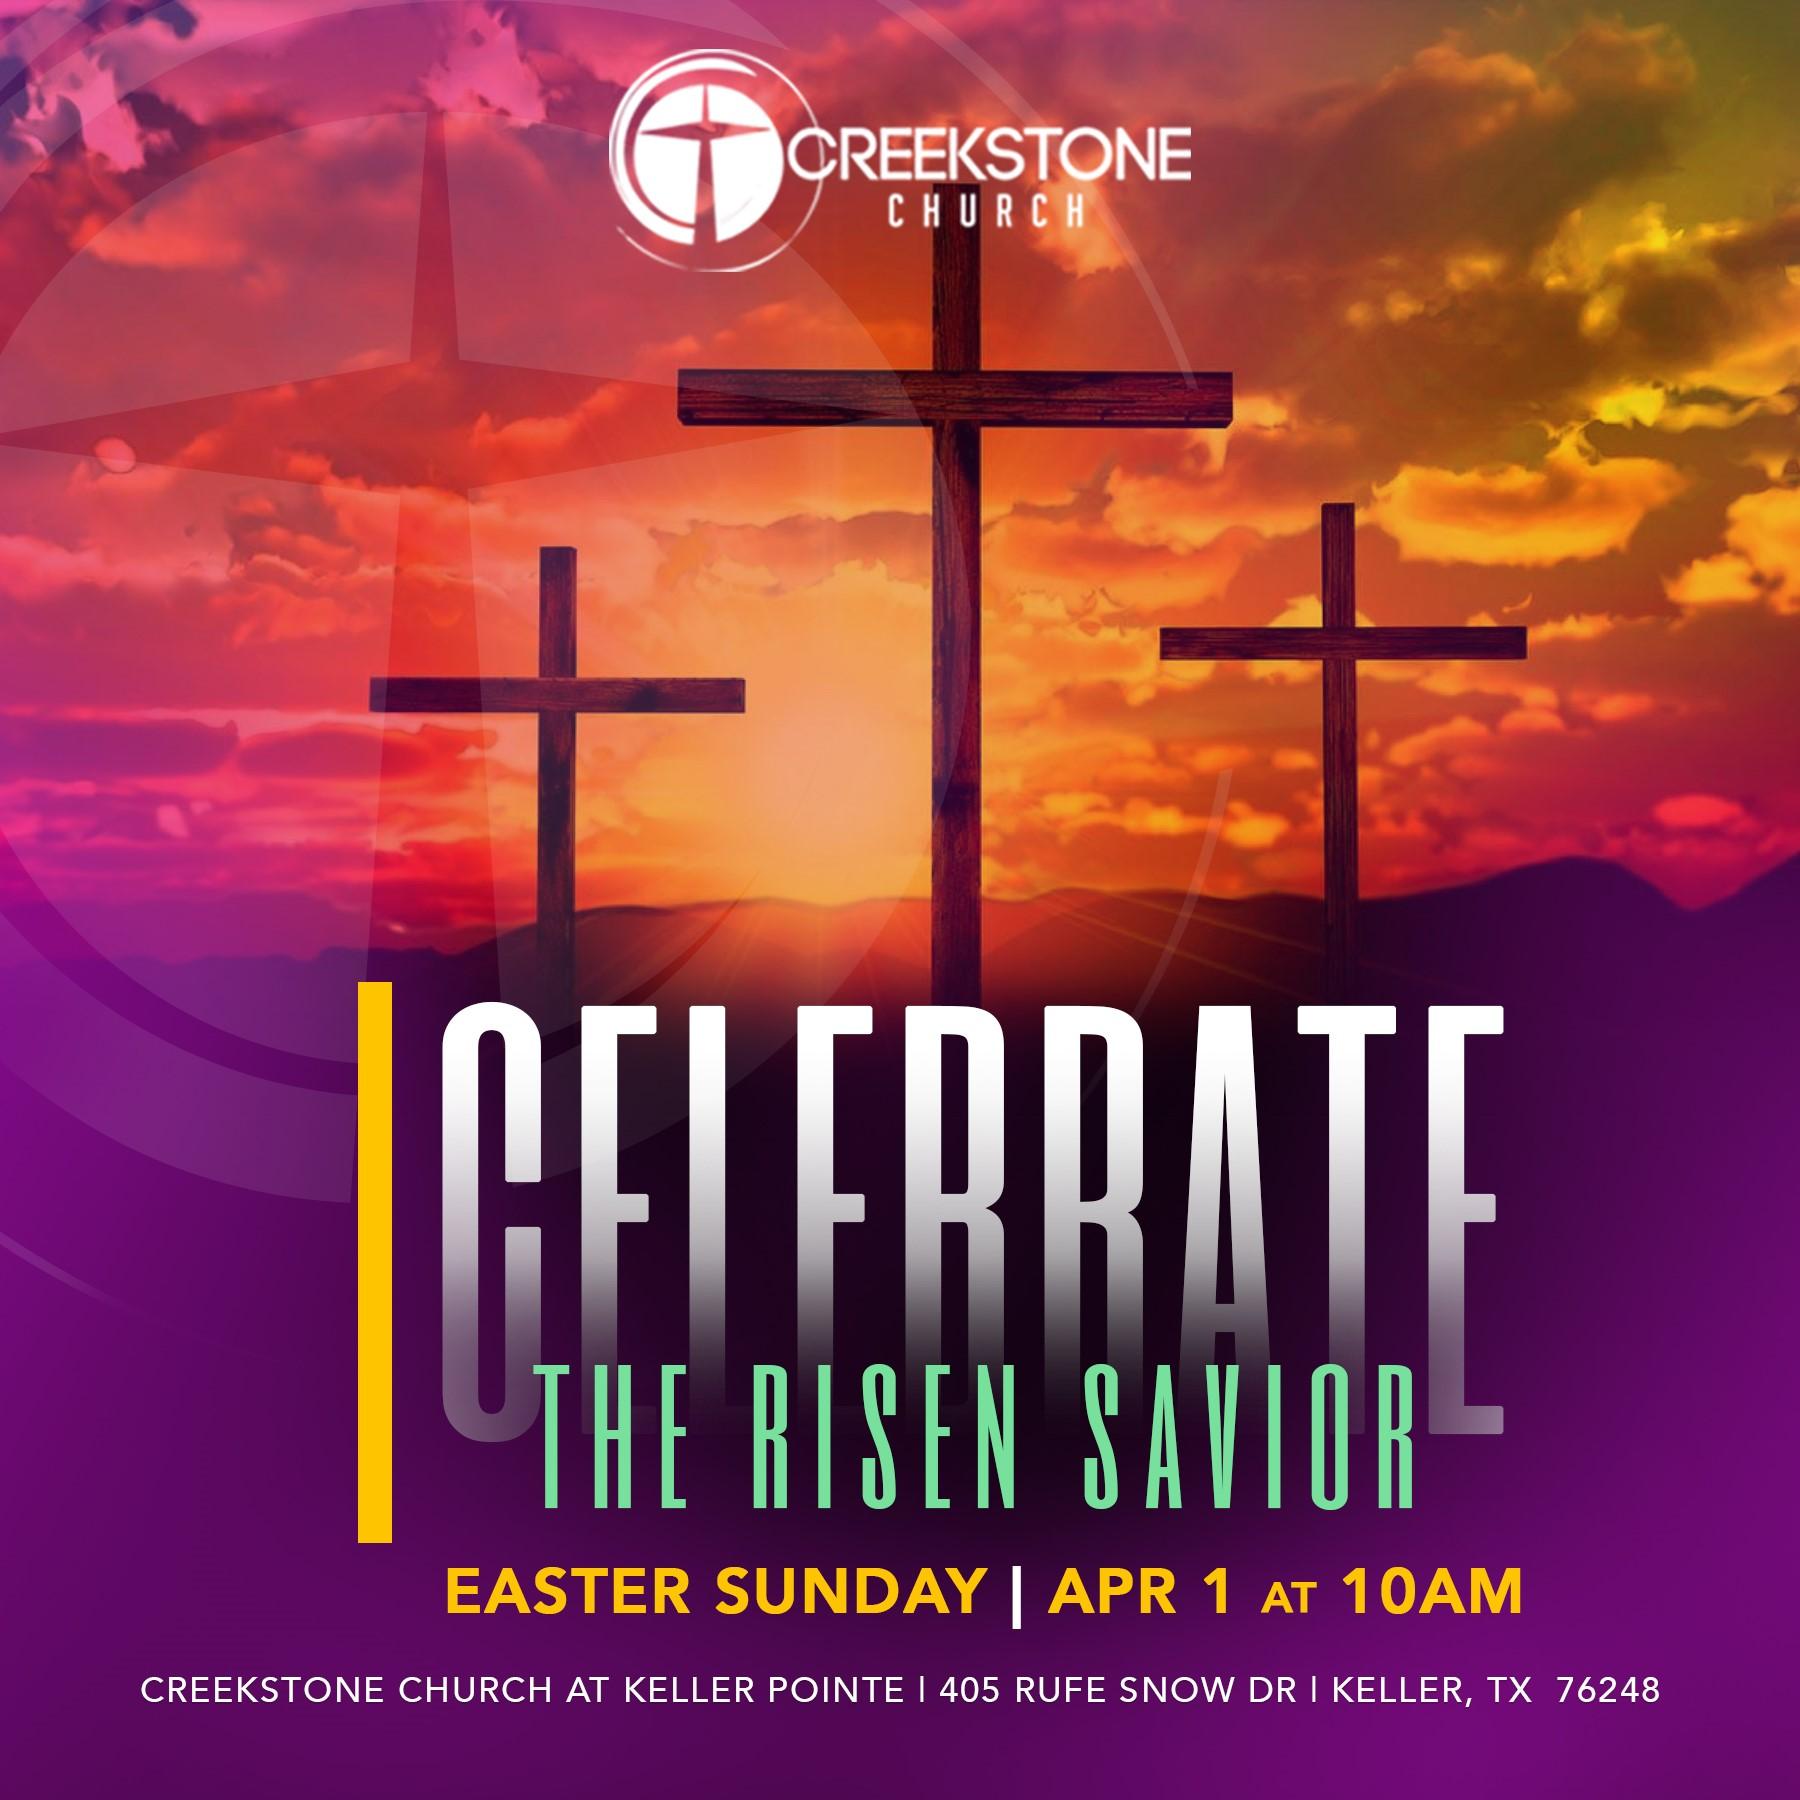 Creekstone-Easter-2018.jpg